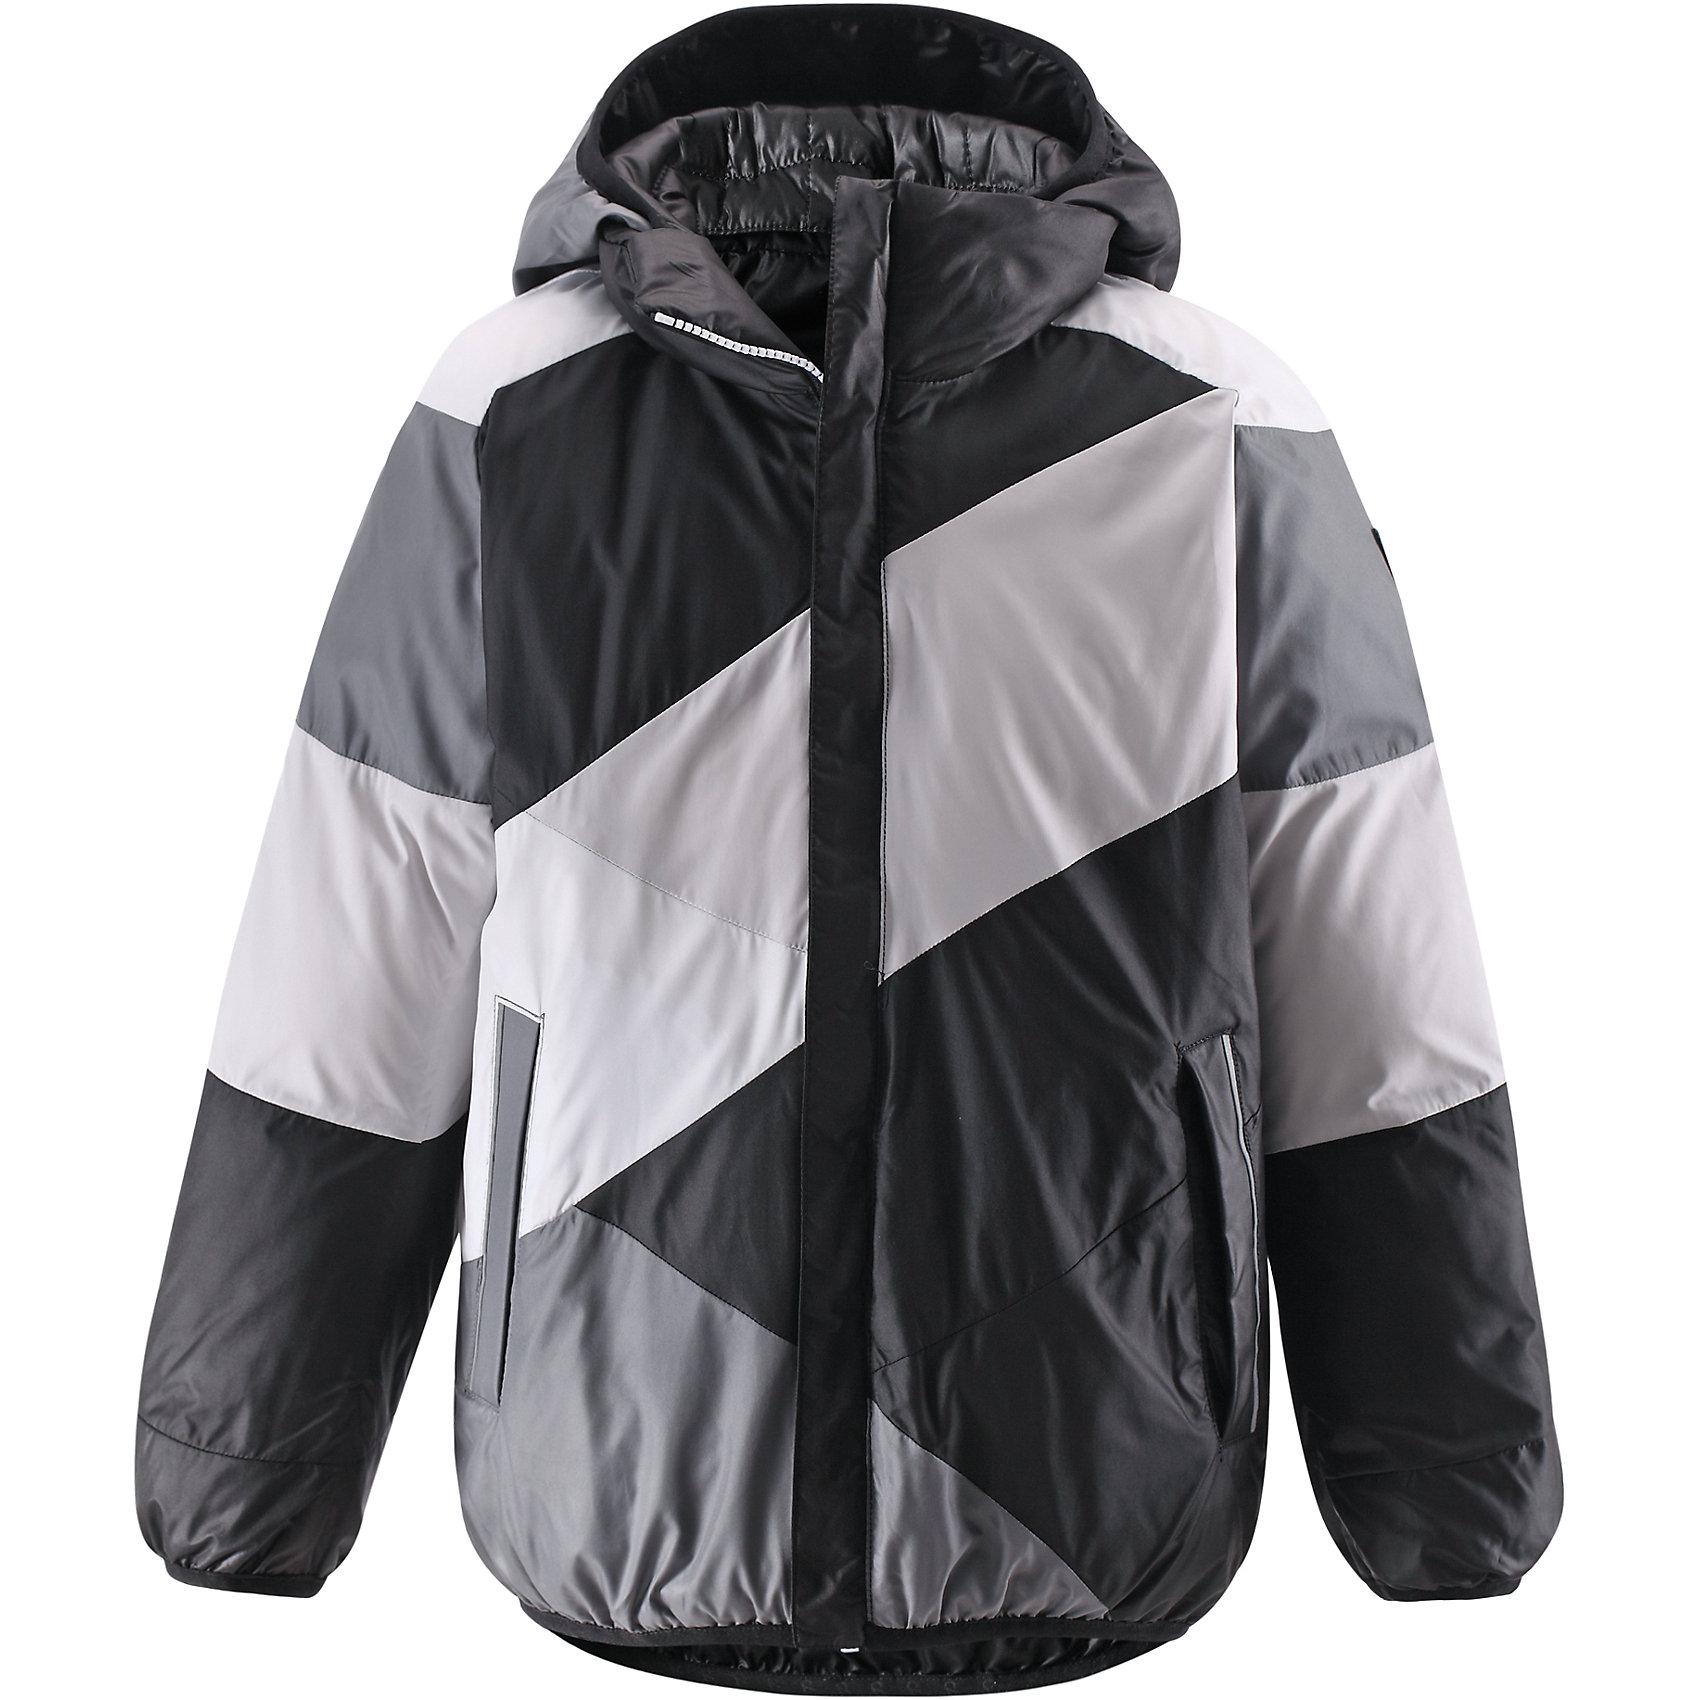 Куртка для мальчика ReimaДвусторонняя куртка для мальчика от финской марки Reima.<br><br>Сегодня однотонная, а завтра яркая и разноцветная! Этот весёлый двусторонний пуховик для детей согреет любителей прогулок в морозные зимние деньки! Пошит из ветронепроницаемого и пропускающего воздух материала, который отталкивает грязь и влагу.<br><br>В этом пуховике вашему ребёнку будет сухо и тепло на прогулке. Традиционный пуховик прямого покроя со съёмным капюшоном, который защитит от зимнего ветра. На этой великолепной зимней куртке имеется множество светоотражающих деталей, например, светоотражающие канты на карманах. Съёмный капюшон обеспечивает дополнительную надёжность - если закреплённый кнопками капюшон зацепится за что-нибудь, он легко отстегнётся. Выберите свой любимый цвет среди модных в этом сезоне расцветок!<br>- Двусторонний пуховик для подростков<br>- Одна сторона однотонная, другая - разноцветная<br>- Карманы на молниях<br>- Эластичный кант на манжетах рукавов, по краю капюшона и подола<br>- Безопасный съёмный капюшон<br><br>Состав:<br>100% ПЭ<br><br>Ширина мм: 356<br>Глубина мм: 10<br>Высота мм: 245<br>Вес г: 519<br>Цвет: черный<br>Возраст от месяцев: 48<br>Возраст до месяцев: 60<br>Пол: Мужской<br>Возраст: Детский<br>Размер: 110,164,140,152,146,134,128,122,116,104,158<br>SKU: 4632082